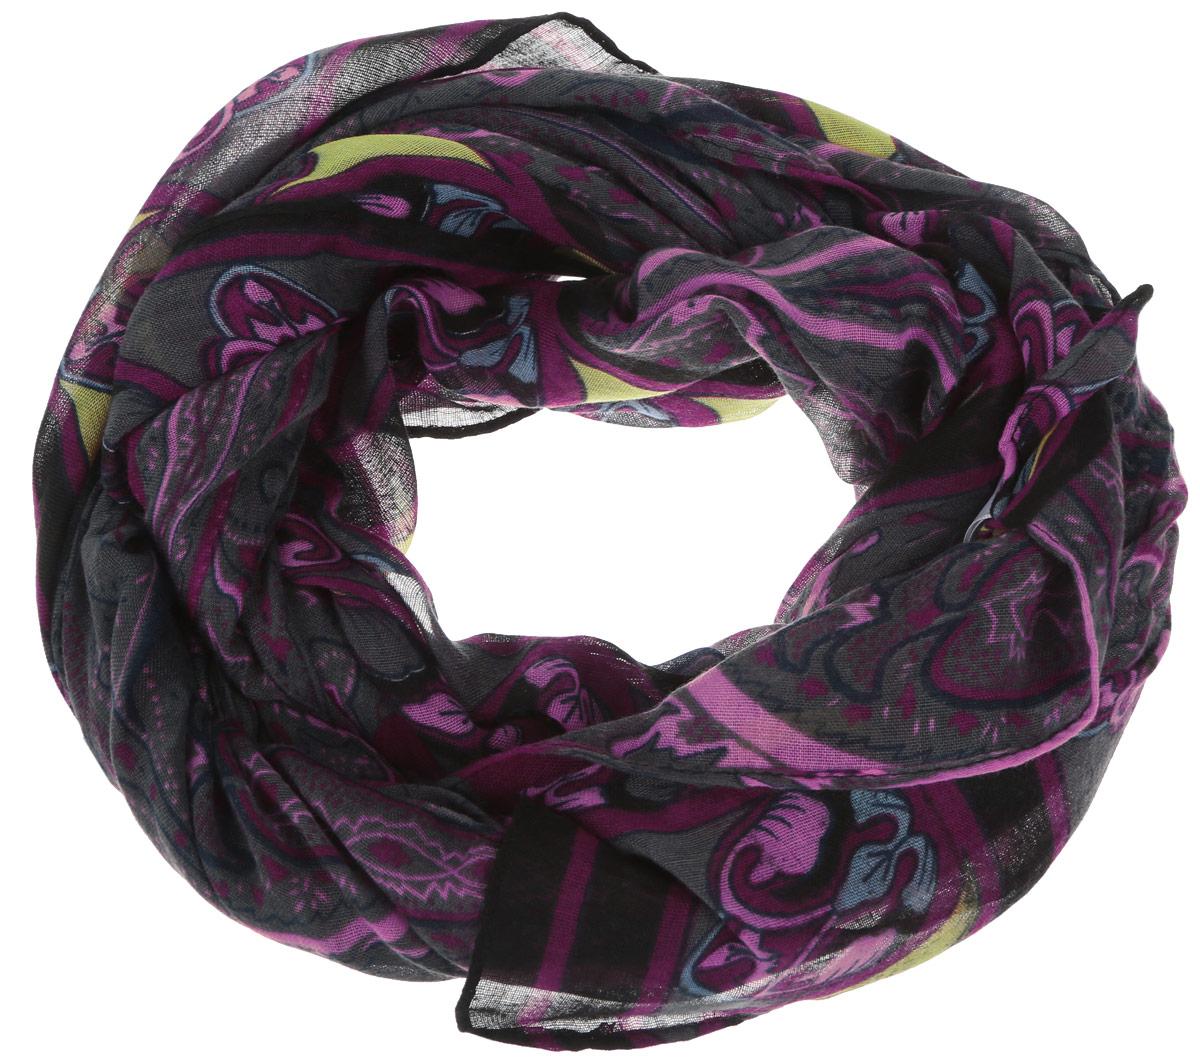 ШарфSCw-142/452-6302Модный женский шарф Sela подарит вам уют и станет стильным аксессуаром, который призван подчеркнуть вашу индивидуальность и женственность. Шарф выполнен из полиэстера, он невероятно мягкий и приятный на ощупь. Модель оформлена контрастным цветочным рисунком. Этот модный аксессуар гармонично дополнит образ современной женщины, следящей за своим имиджем и стремящейся всегда оставаться стильной и элегантной. Такой шарф украсит любой наряд и согреет вас в непогоду, с ним вы всегда будете выглядеть изысканно и оригинально.